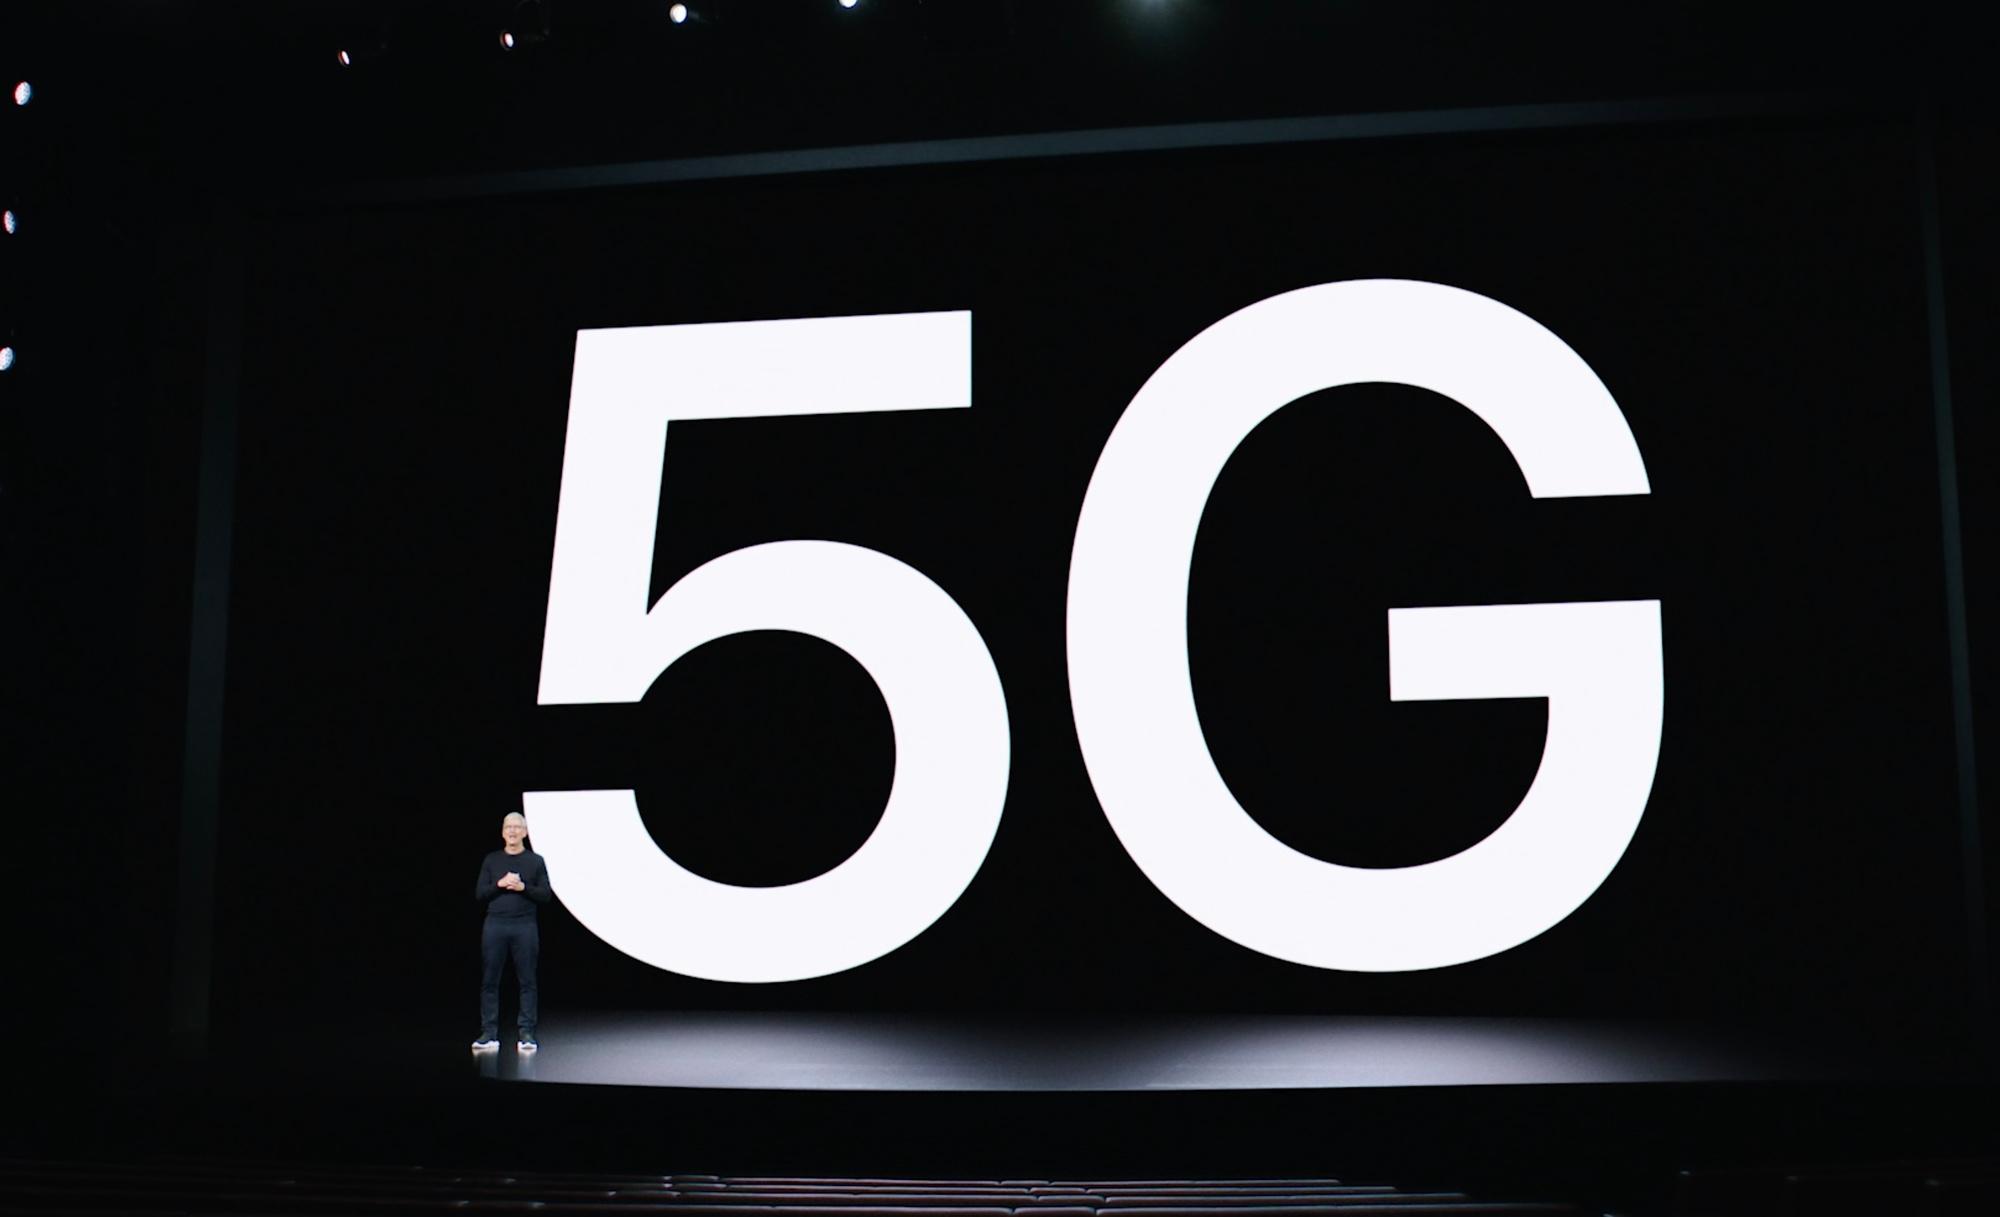 Apple-baas Tim Cook introduceert de eerste iPhones met 5G-technologie., Apple